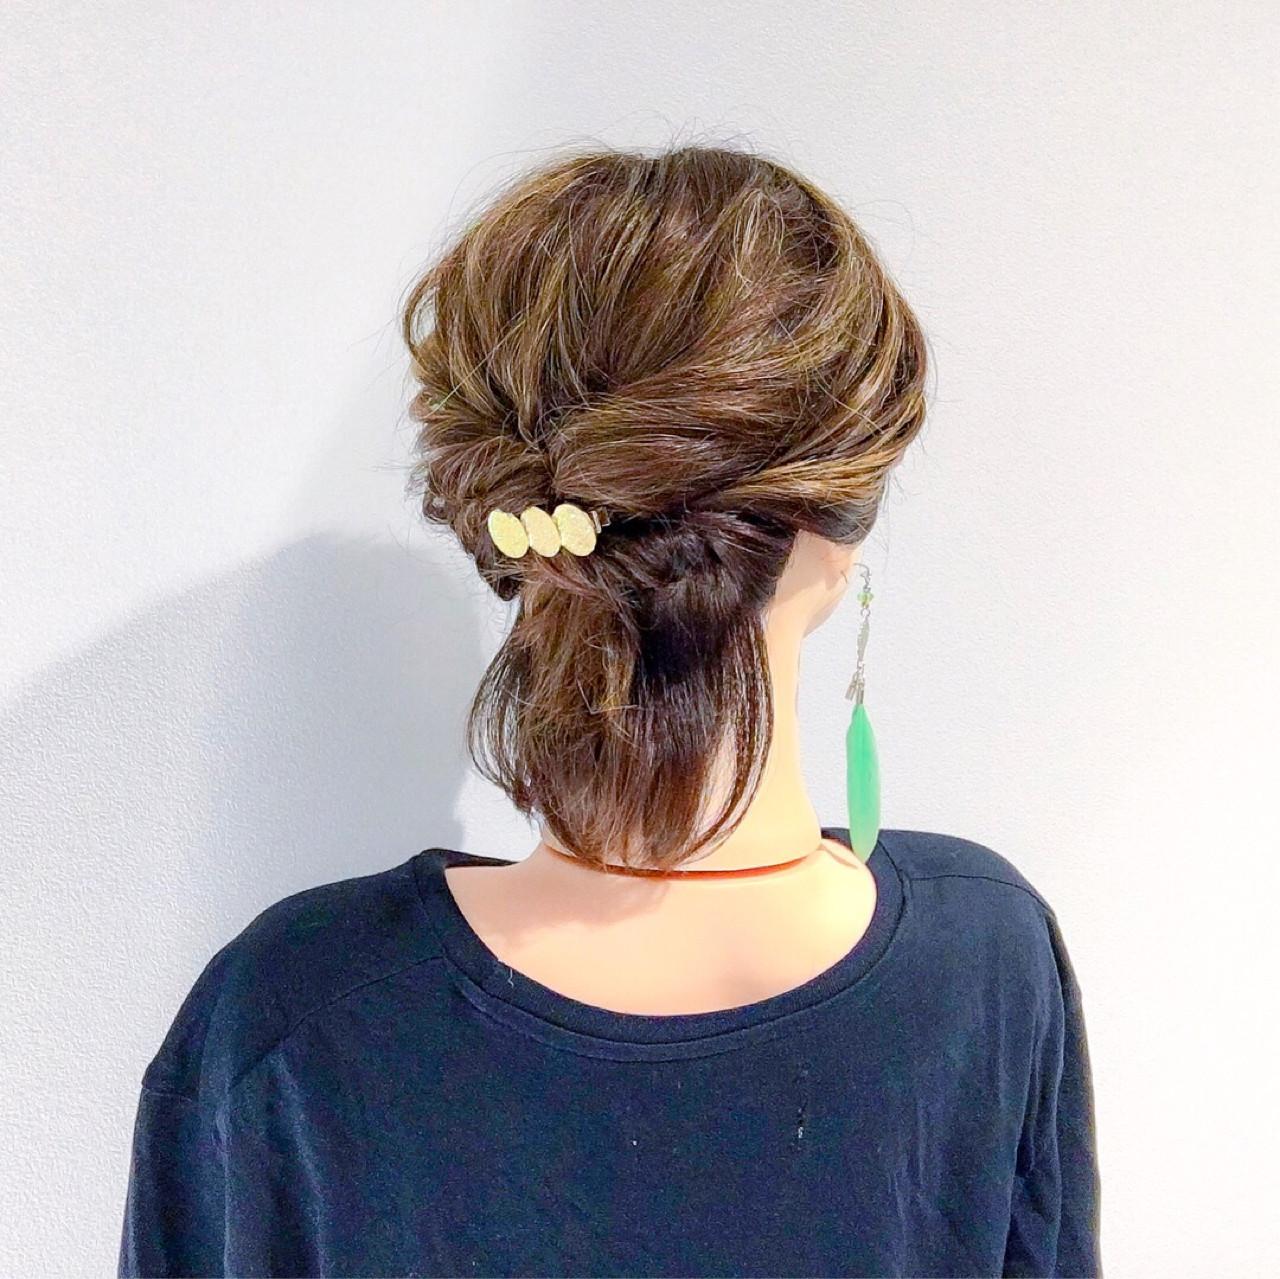 ヘアアレンジ 簡単ヘアアレンジ 結婚式 上品 ヘアスタイルや髪型の写真・画像